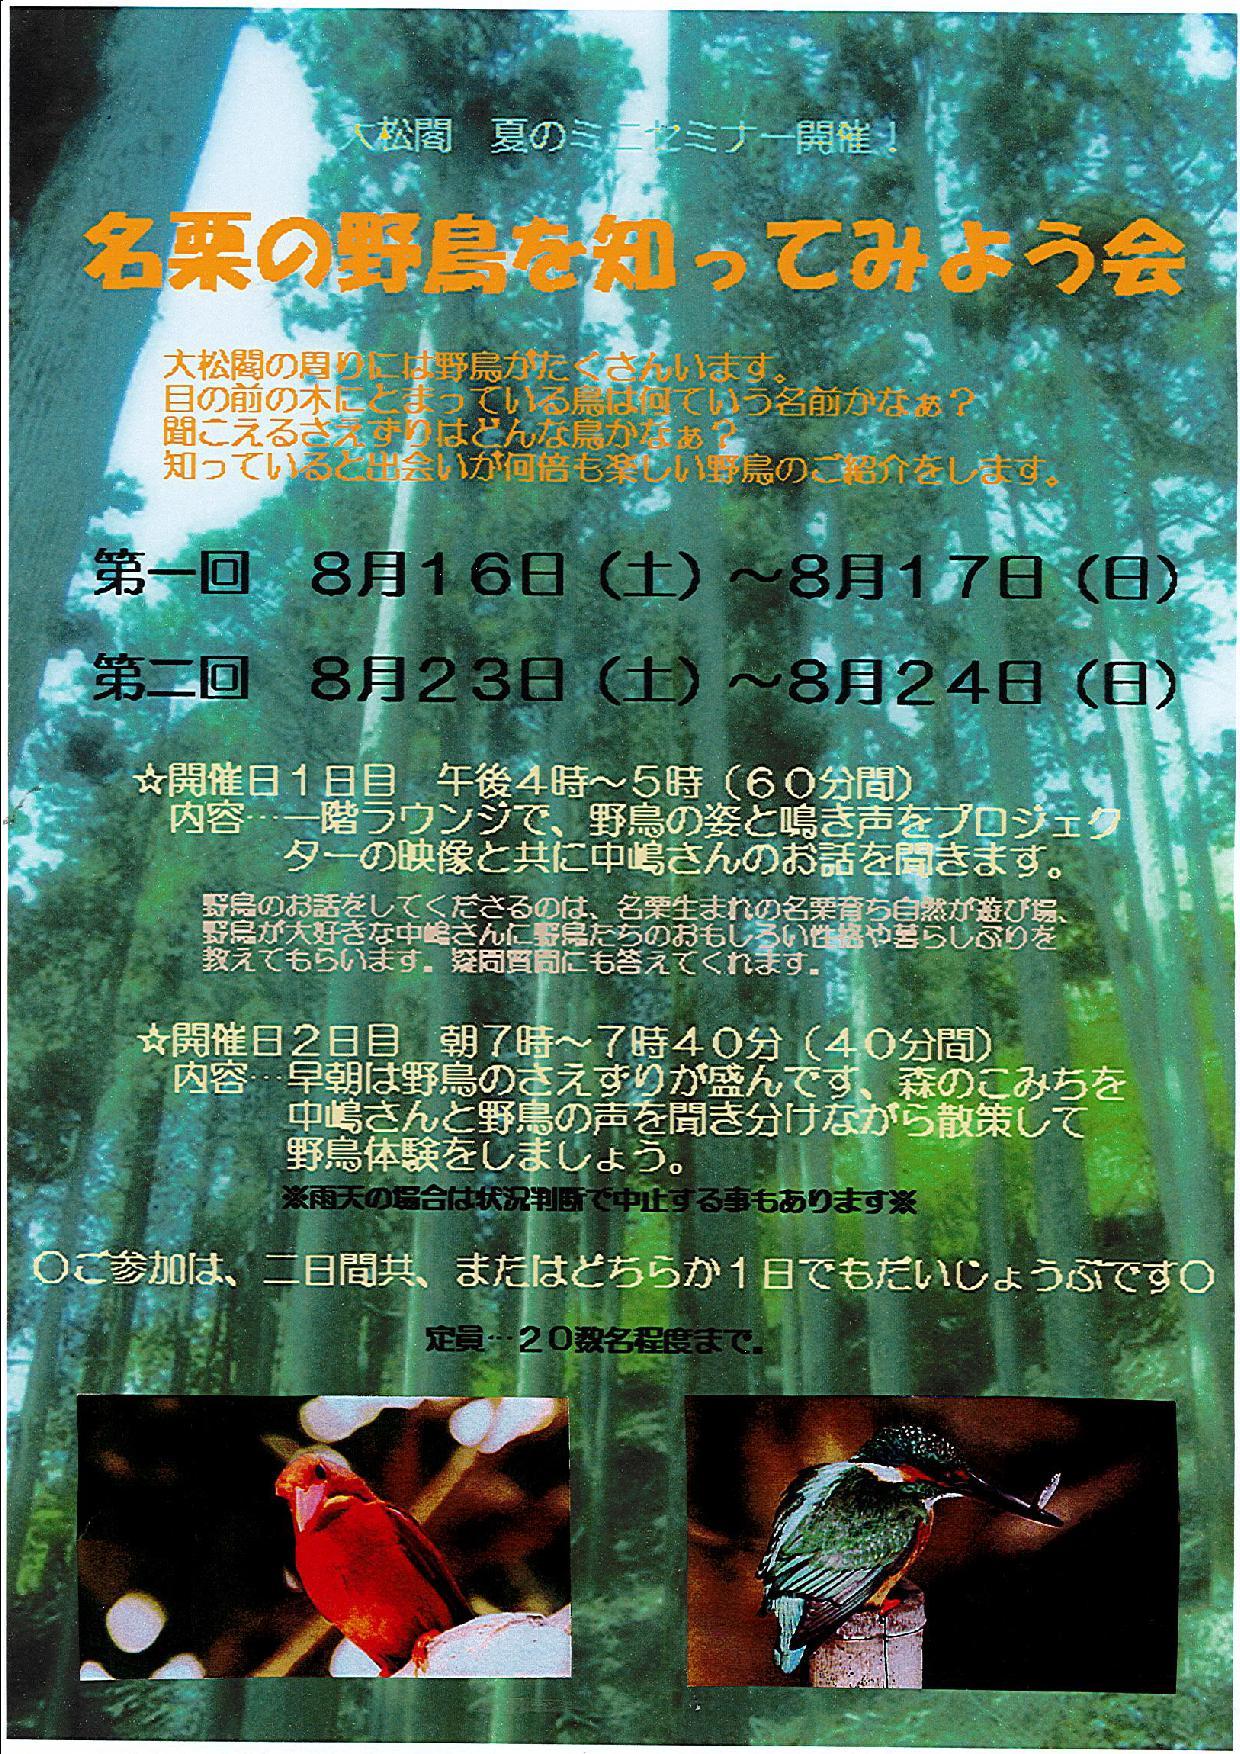 *名栗の野鳥 ミニセミナー*8/16(土)、8/23(土)